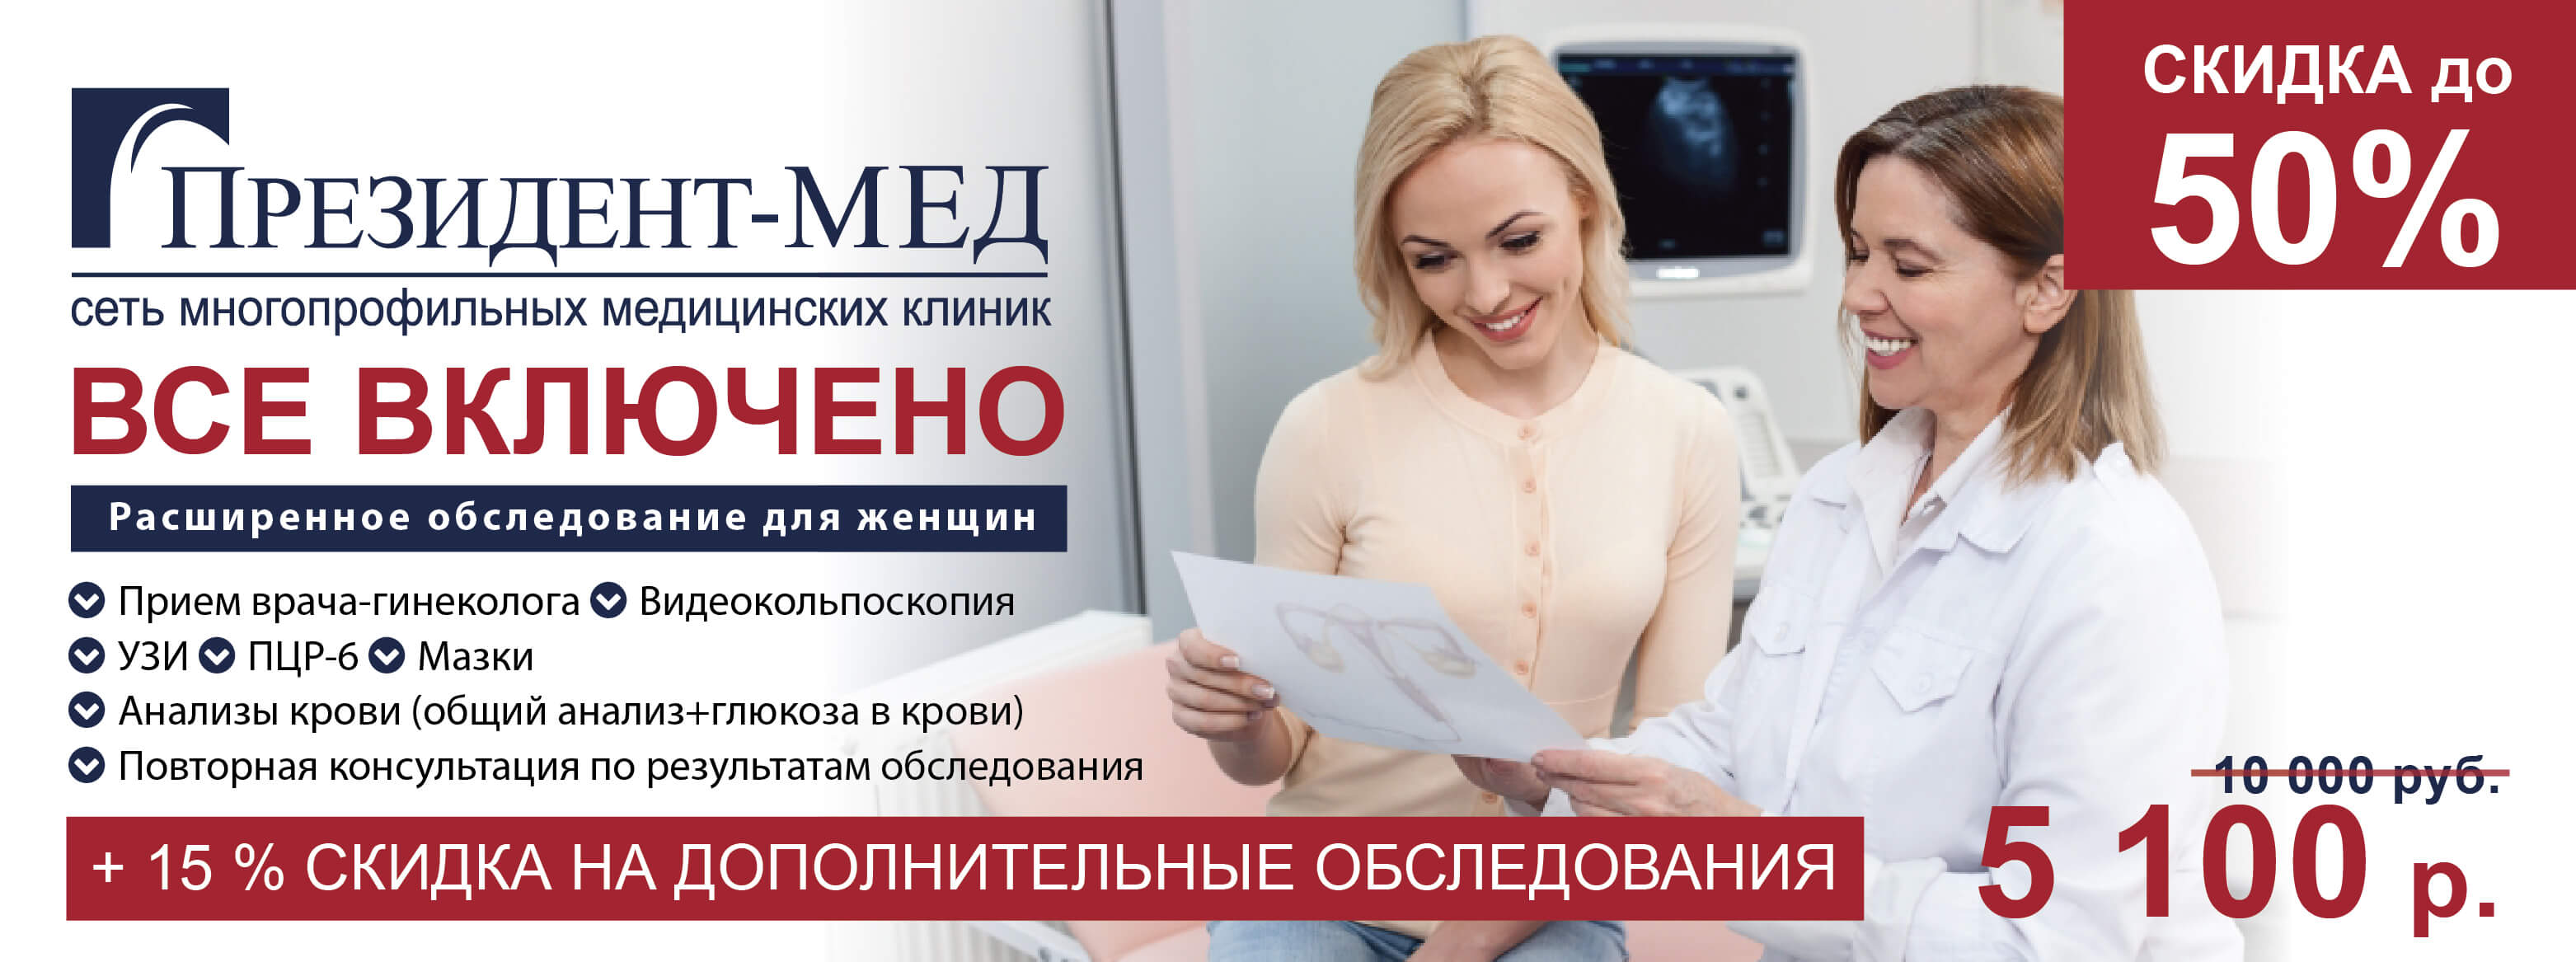 Акция  Женское здоровье  «Все включено»